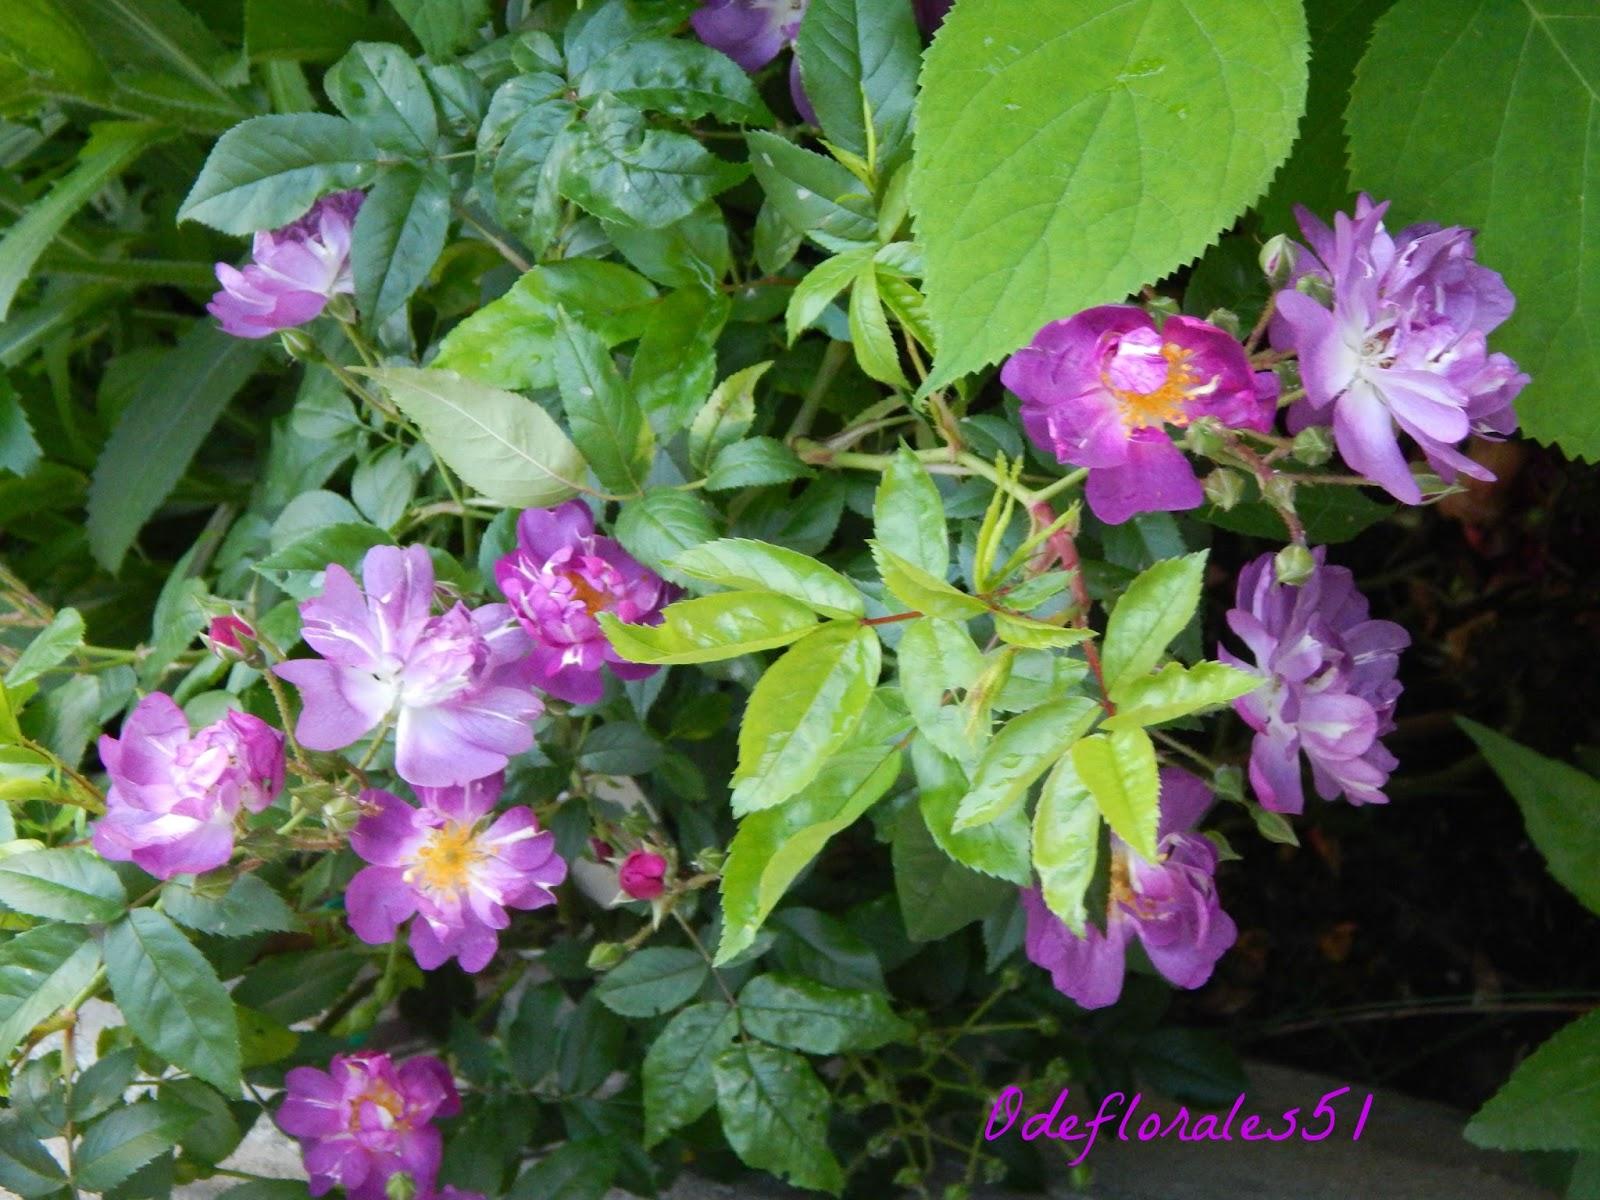 Beaut s florales rosier liane welchenblau - Rosier grimpant sans epine ...